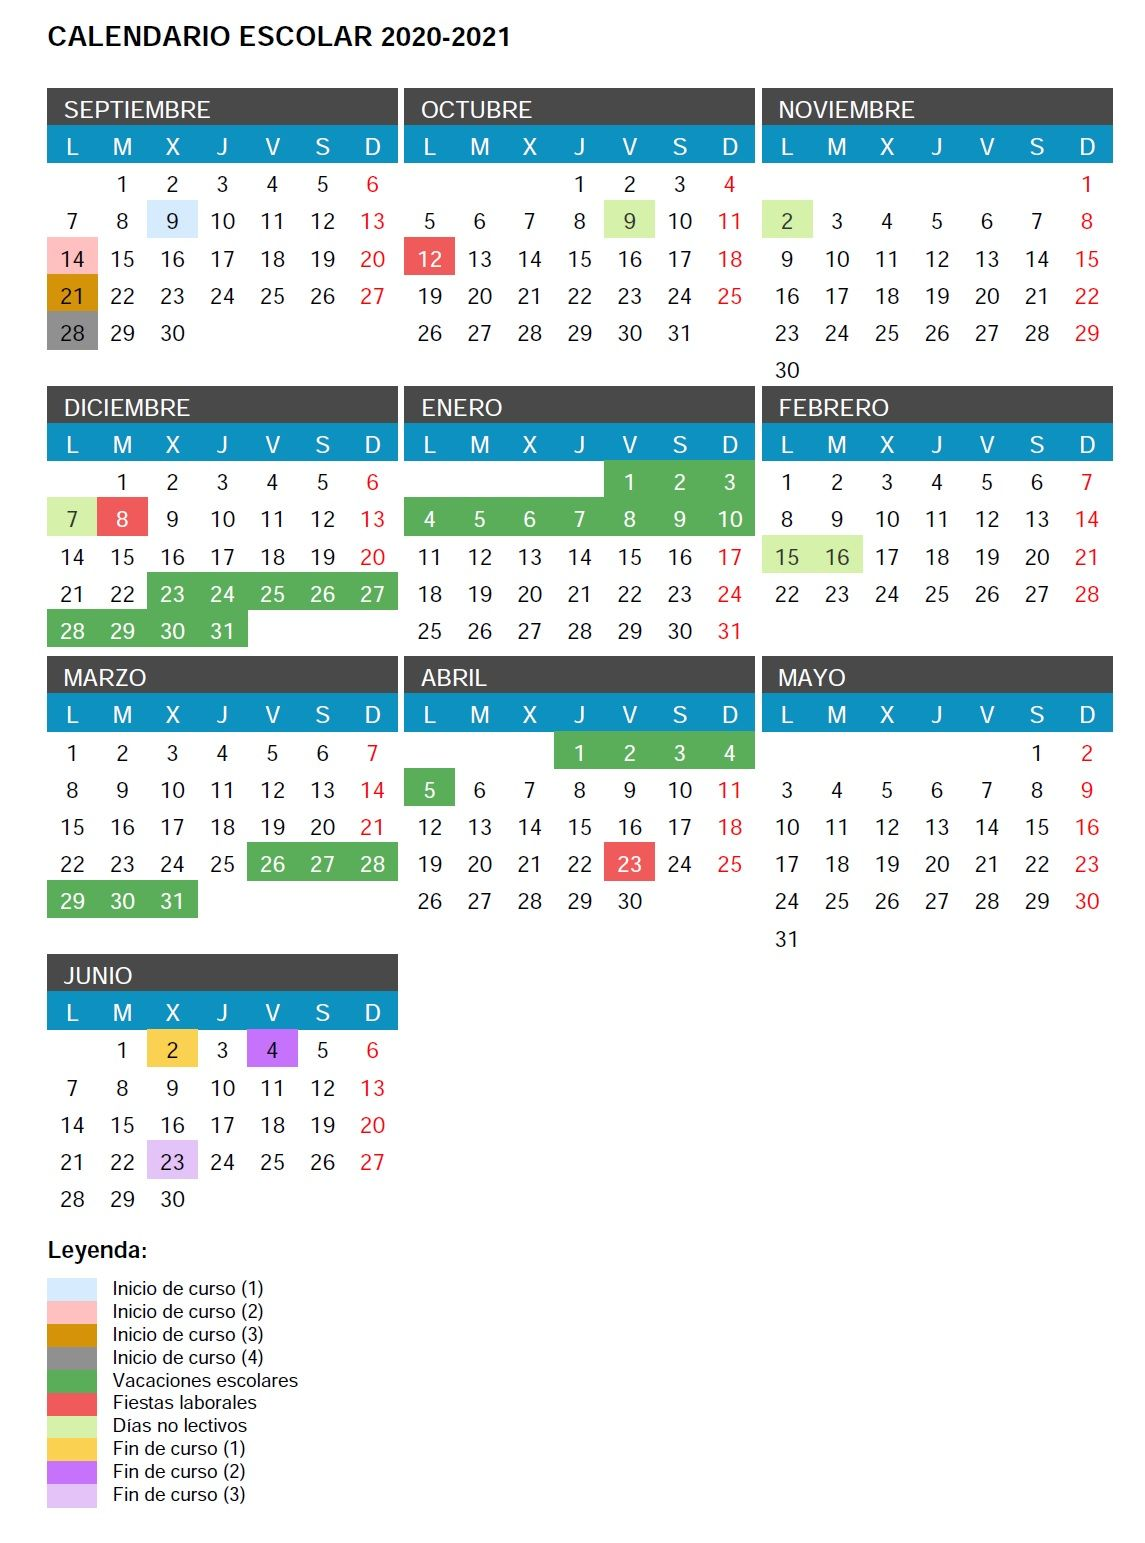 Calendario Escolar Curso 2020 2021 Stecyl I